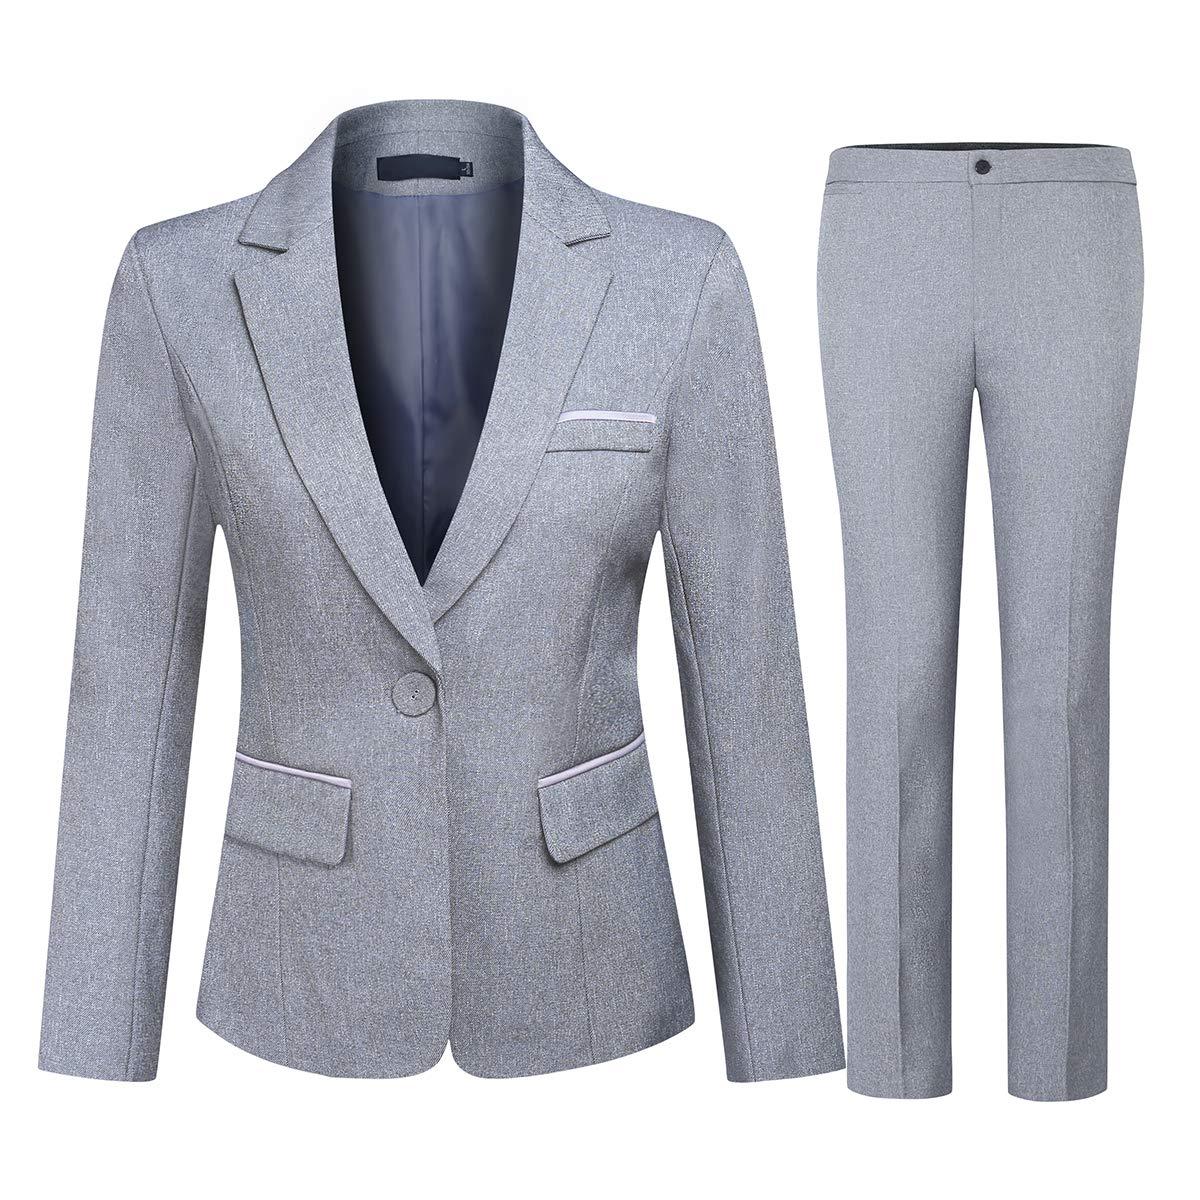 Women's 2 Piece Office Lady Business Suit Set Slim Fit Blazer Pant (Suit Set-Grey1, L)